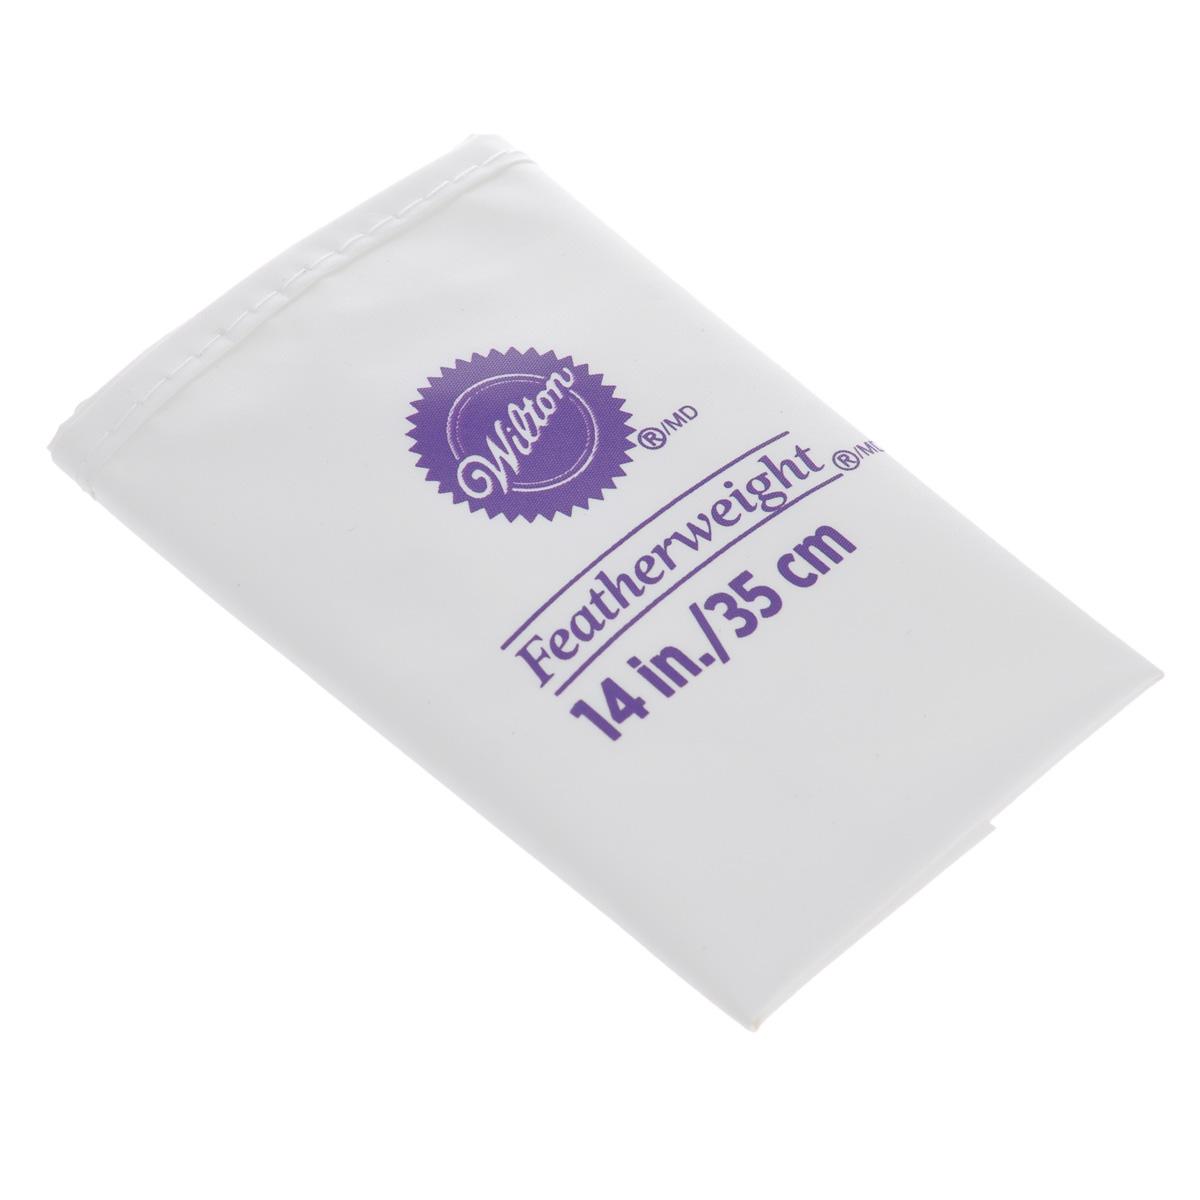 """Высококачественный кондитерский мешок """"Wilton"""", выполненный из полиэстера,   предназначен для декорирования выпечки. Если вы любите   побаловать своих домашних вкусной и ароматной выпечкой по вашему   оригинальному рецепту, украшенной воздушным кремом, то кондитерский мягкий,   гибкий и прочный мешок """"Wilton"""" как раз то, что вам нужно! С его помощью вы   создадите необыкновенные украшения на торте, наполните трубочки кремом и   многое другое. Можно мыть в посудомоечной машине. Высота мешка: 35 см.Ширина мешка: 21 см."""